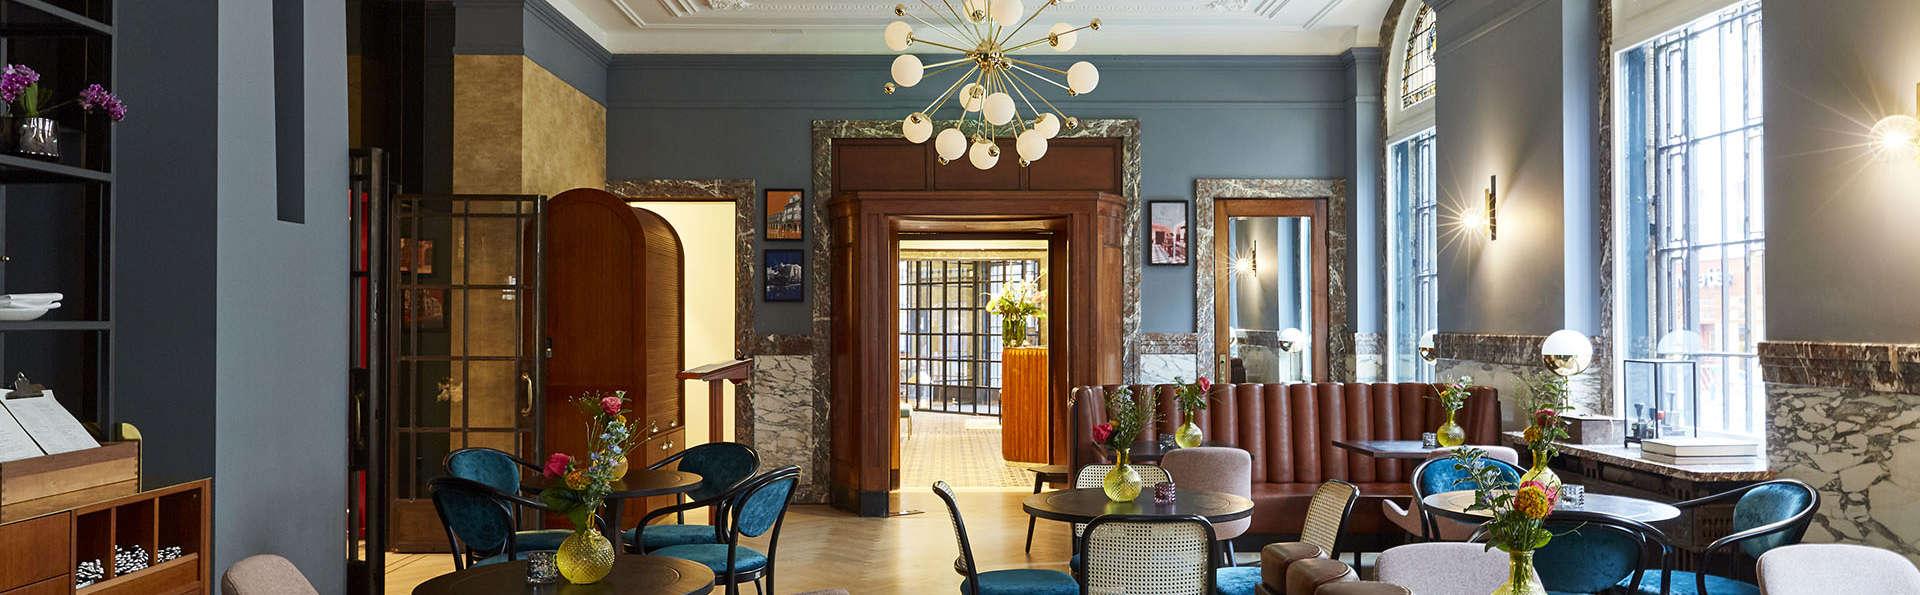 Hotel Indigo The Hague - Palace Noordeinde - EDIT_Brasserie_2.jpg